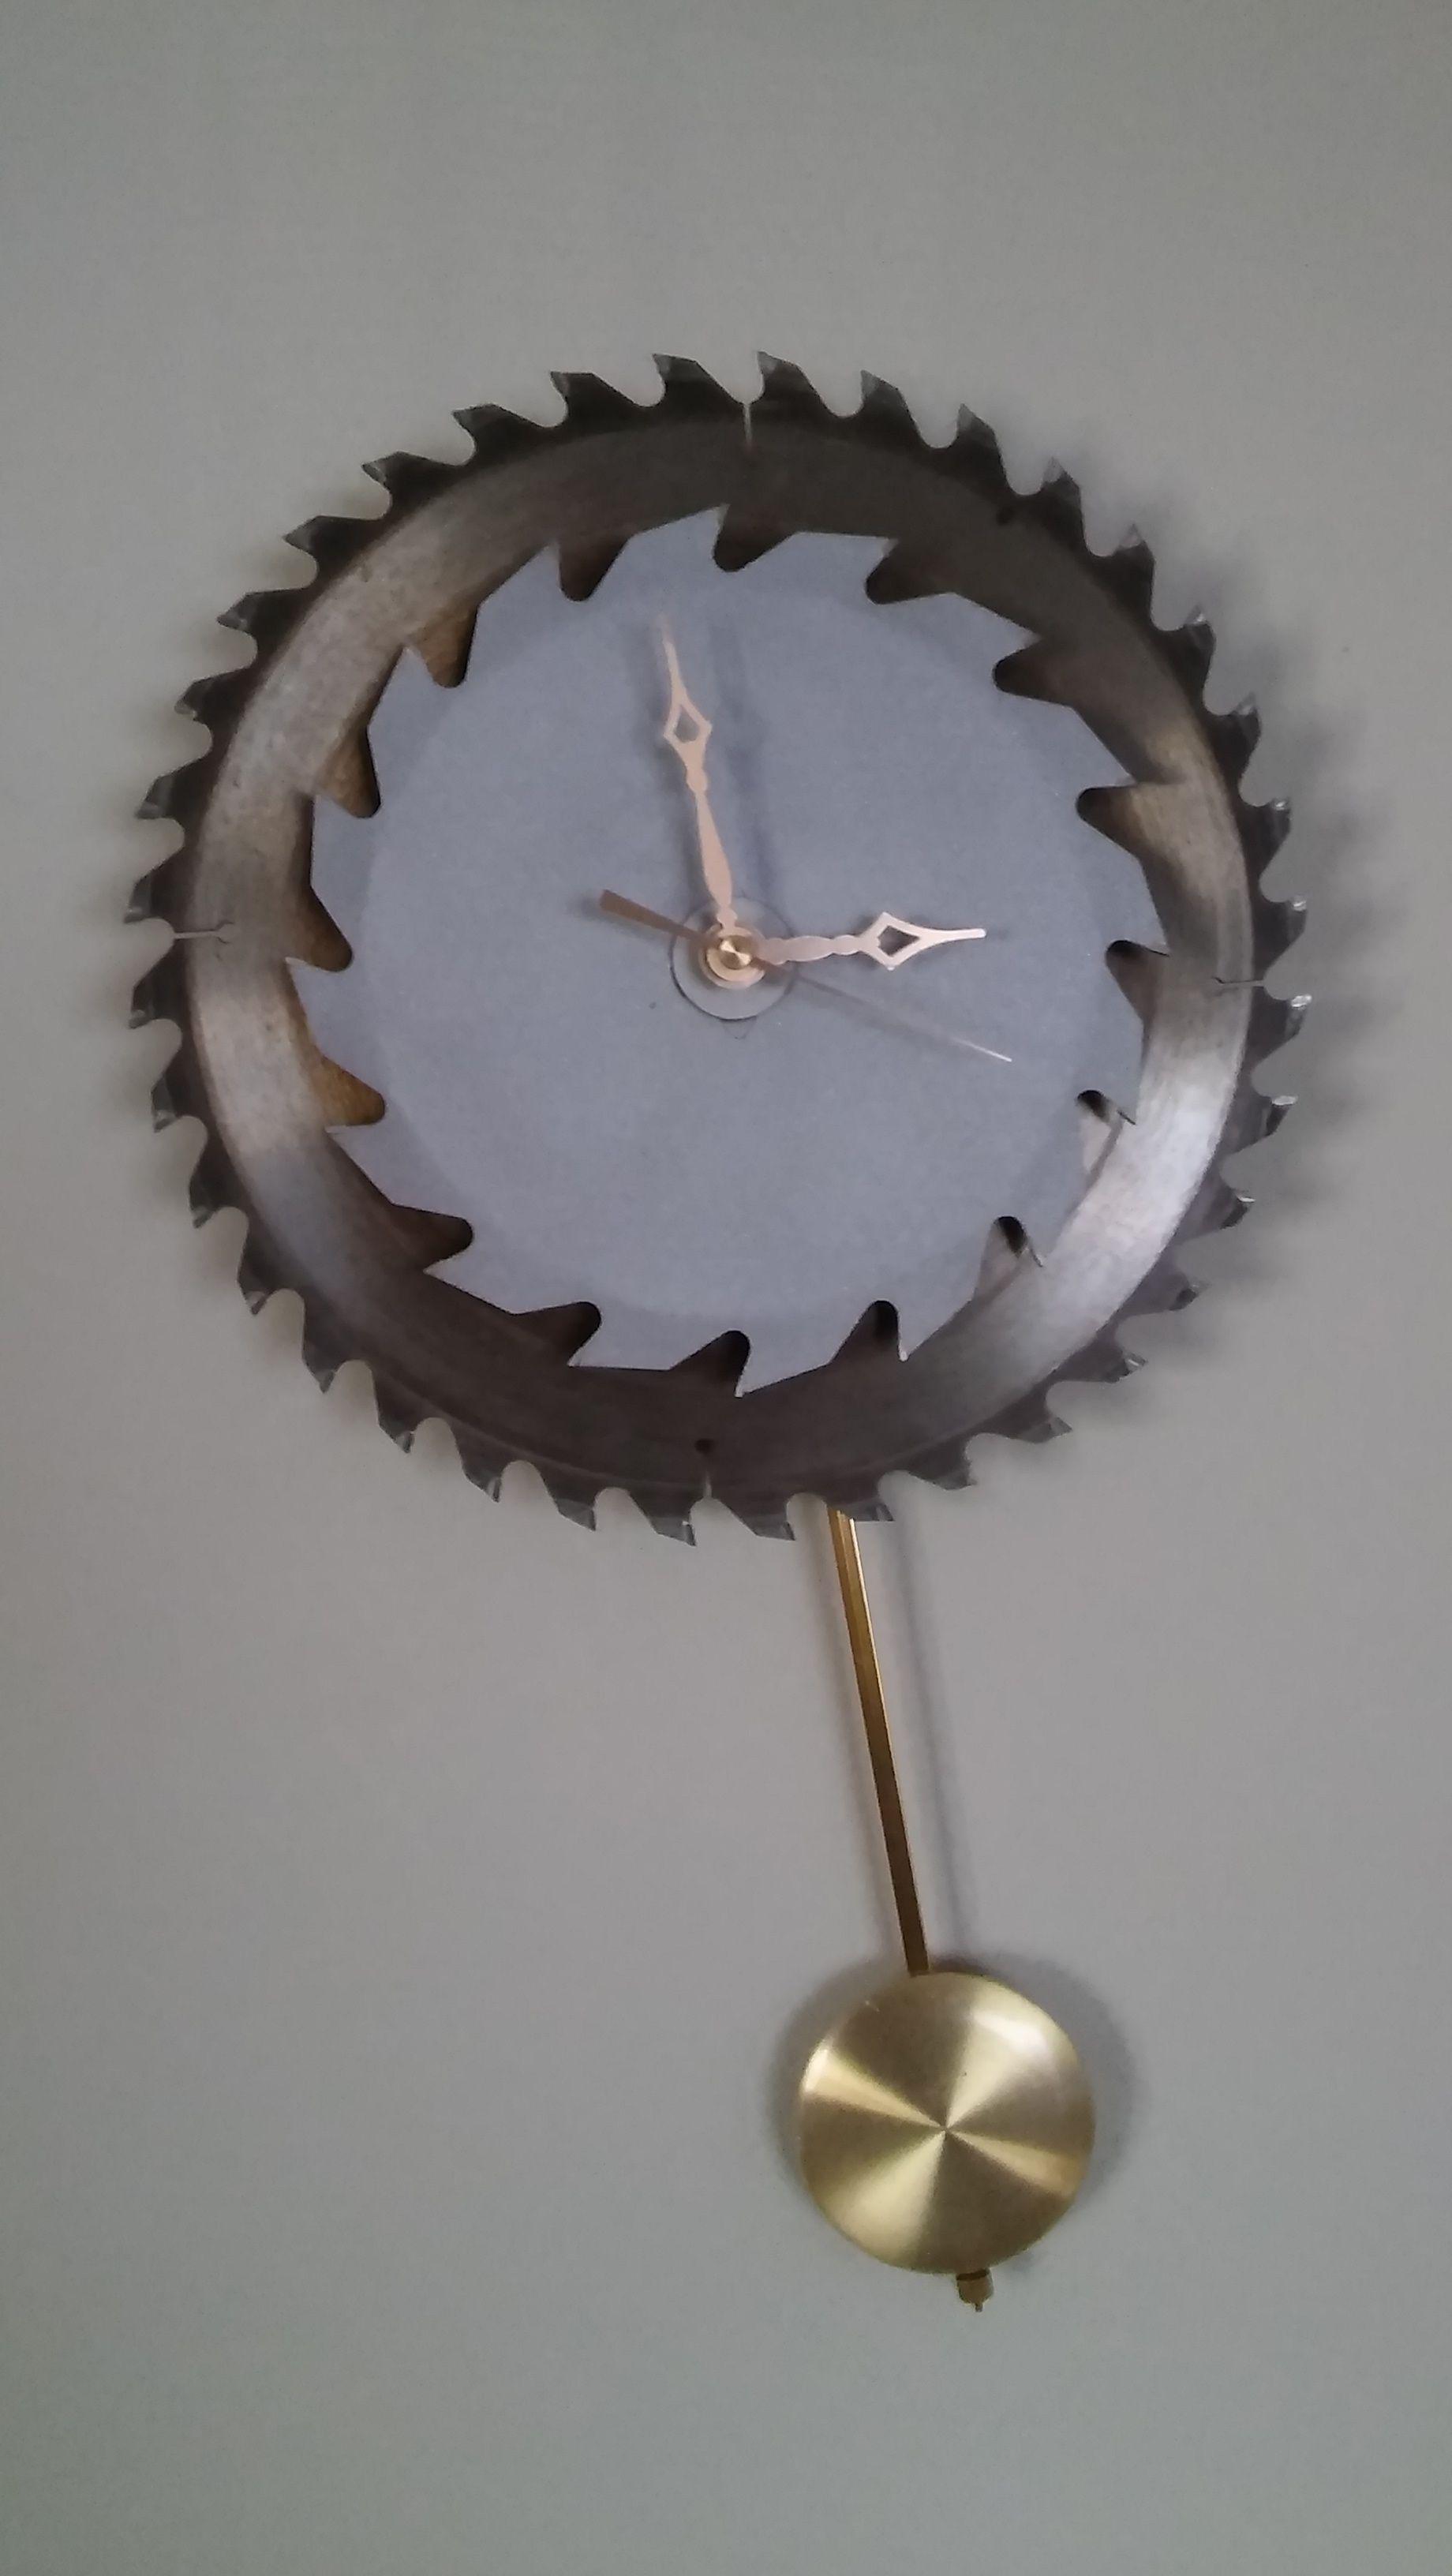 Pendulum Clock Made From Circular Saw Blades Circular